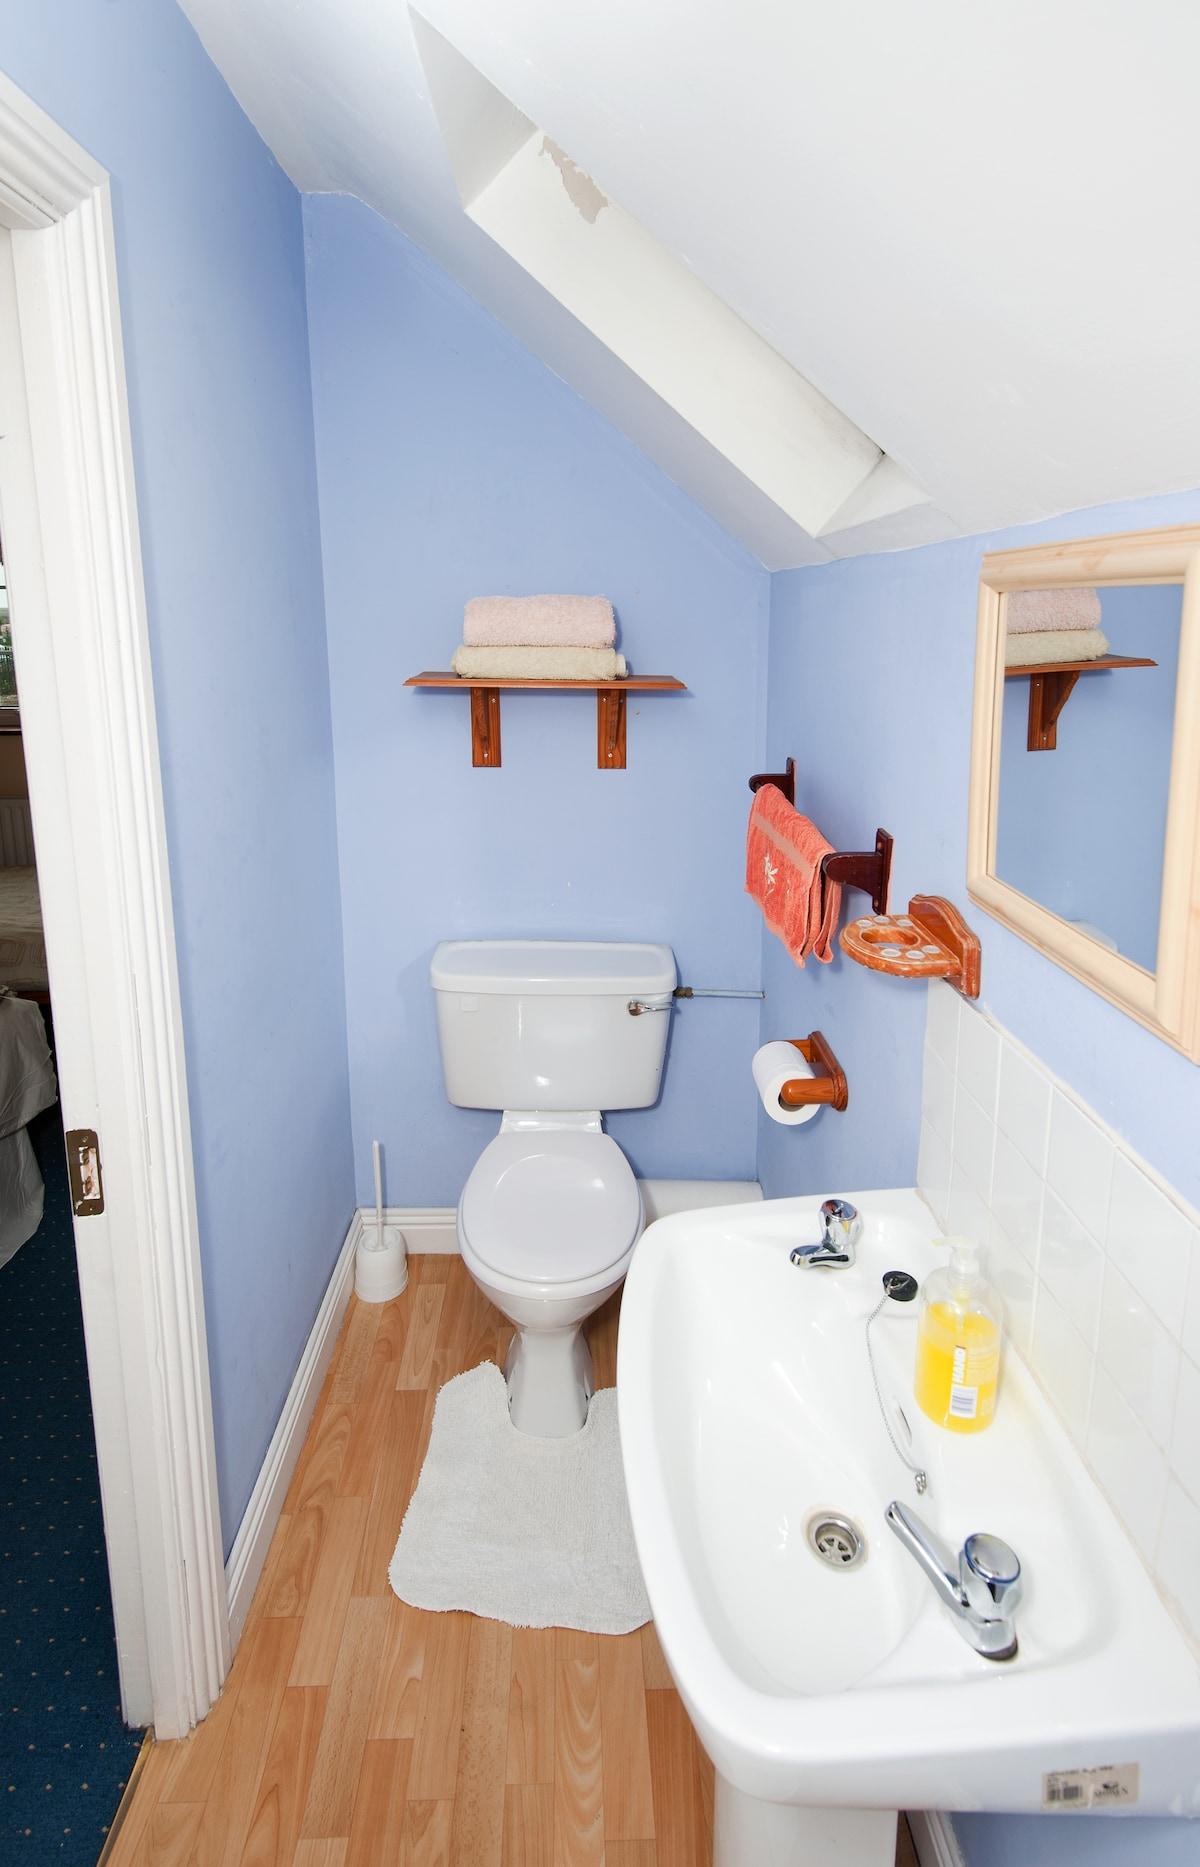 Cloghranguesthouse B&B, Double Room